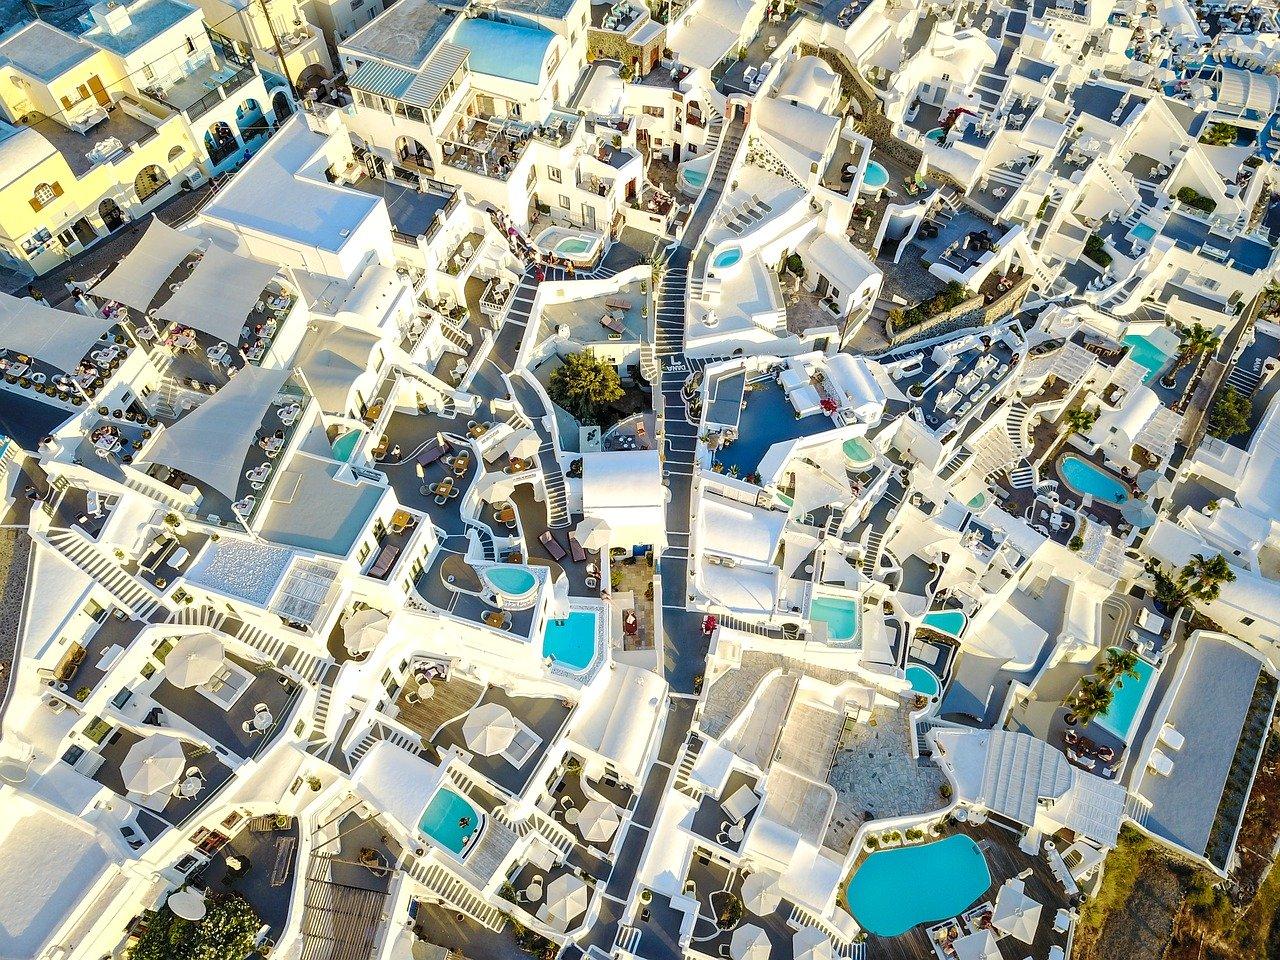 Η αύξηση των τιμών στην αγορά των ακινήτων στην Ελλάδα